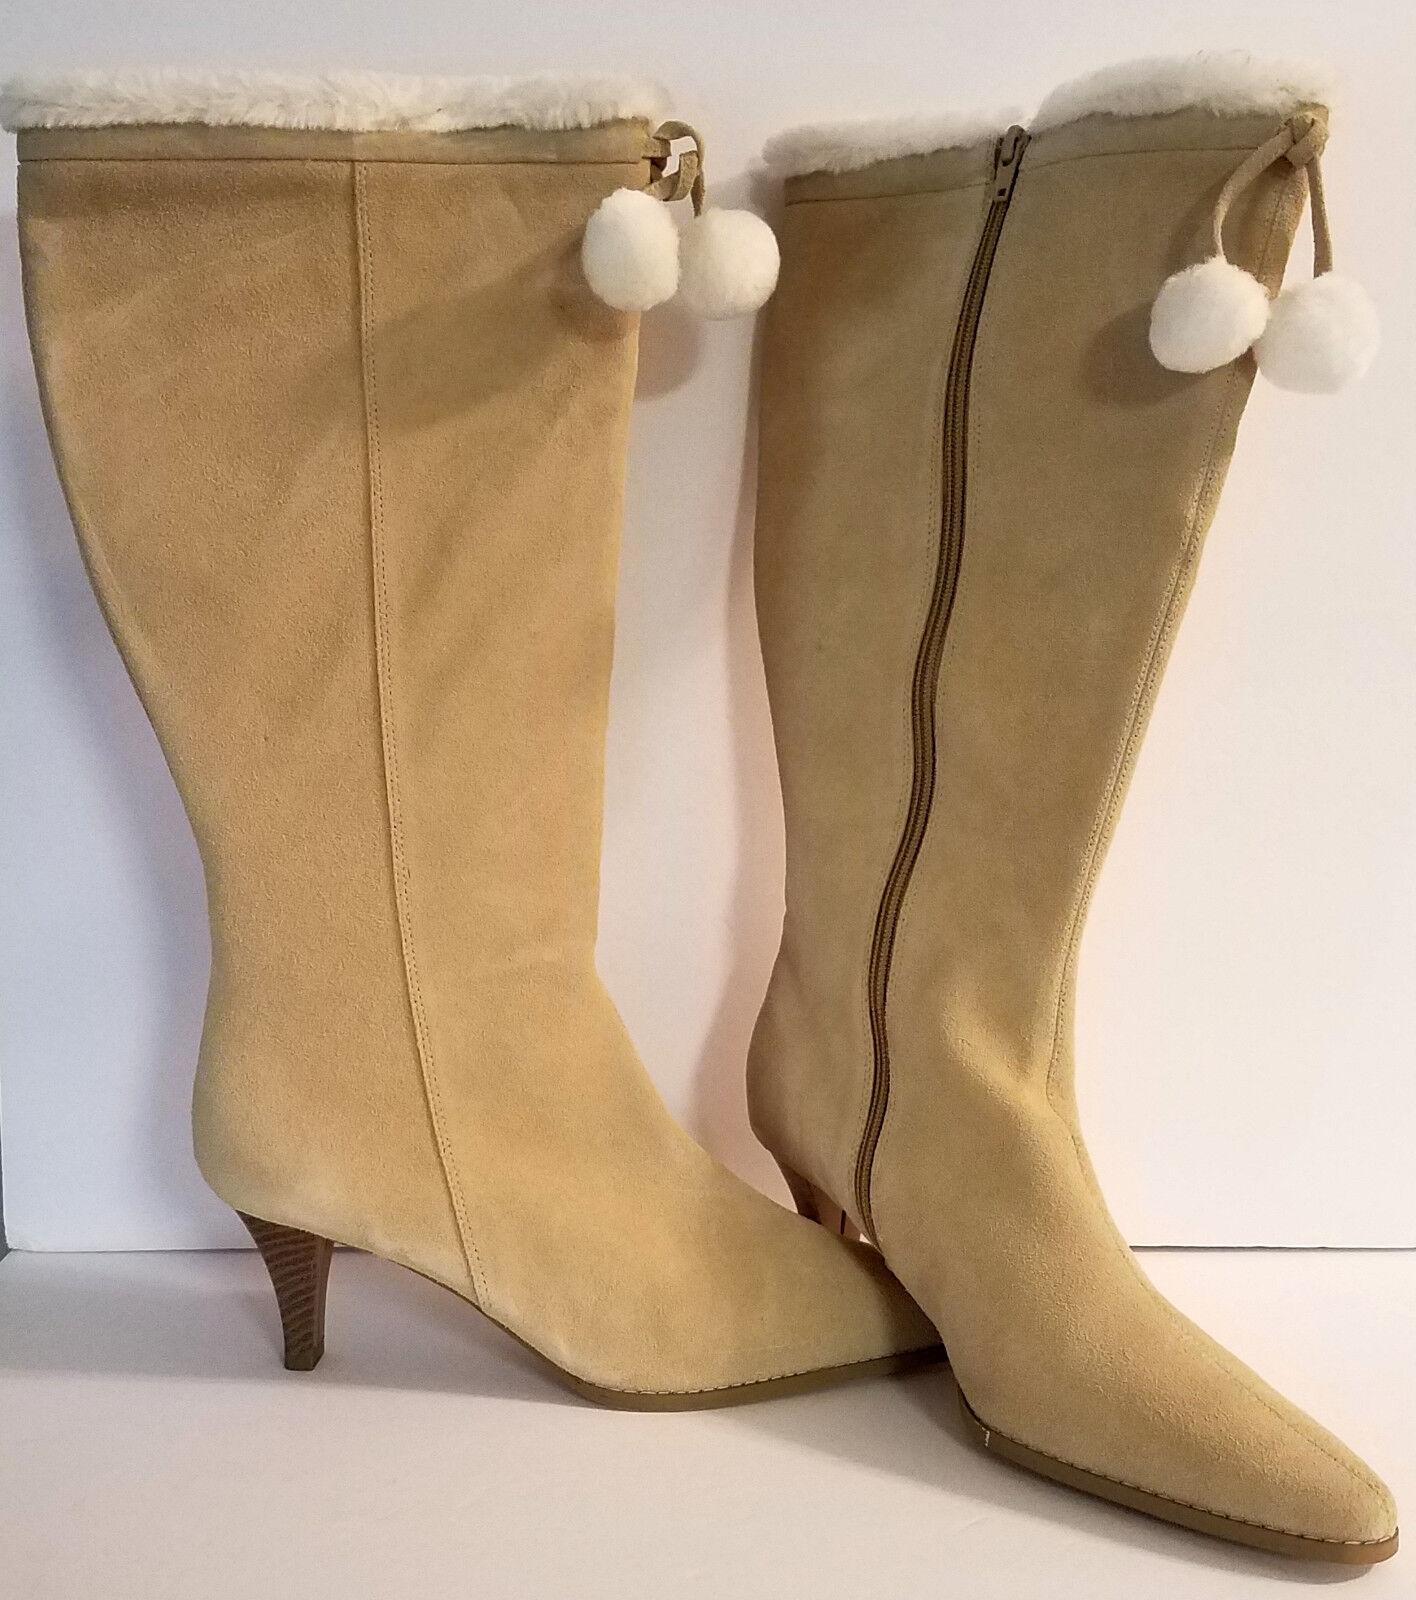 NEW   Women's Size 10M, 2.5  Heel, Tan Suede Boots w Ivory Faux Fur Trim PomPoms